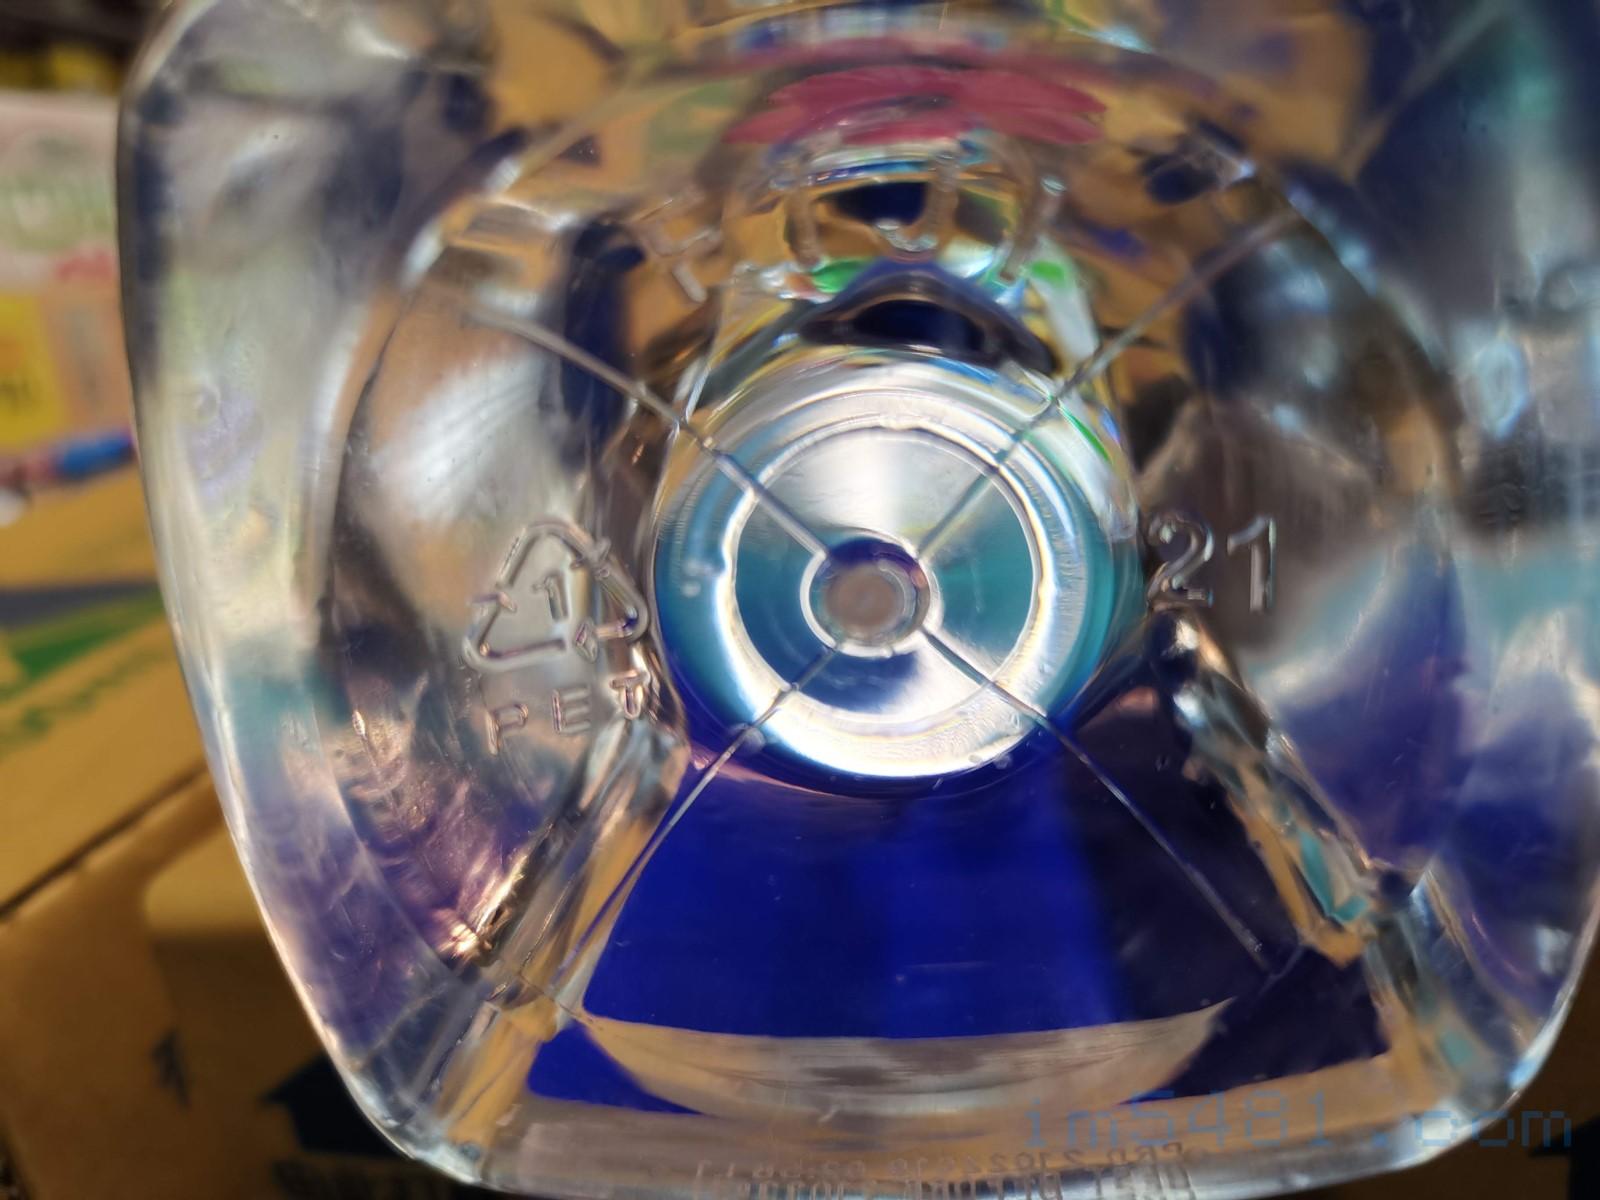 礦泉水都是使用PET材質容器